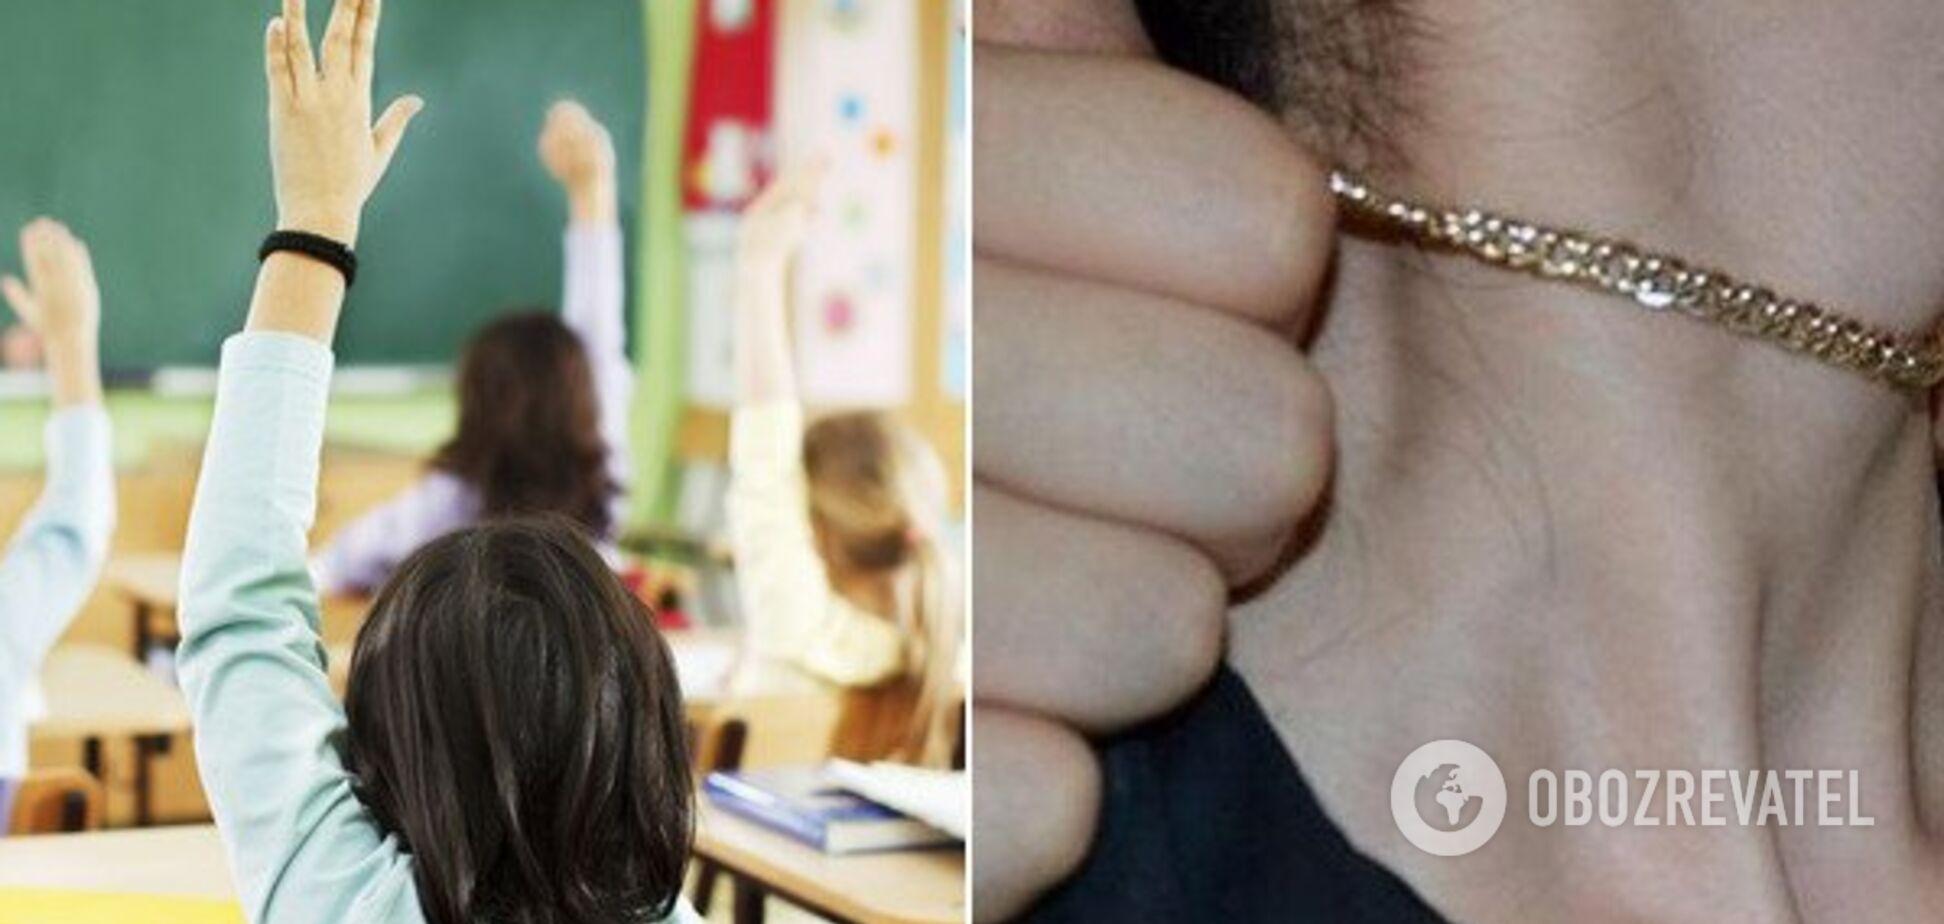 УКиєві жінка нахабно пограбувала дитину у школі